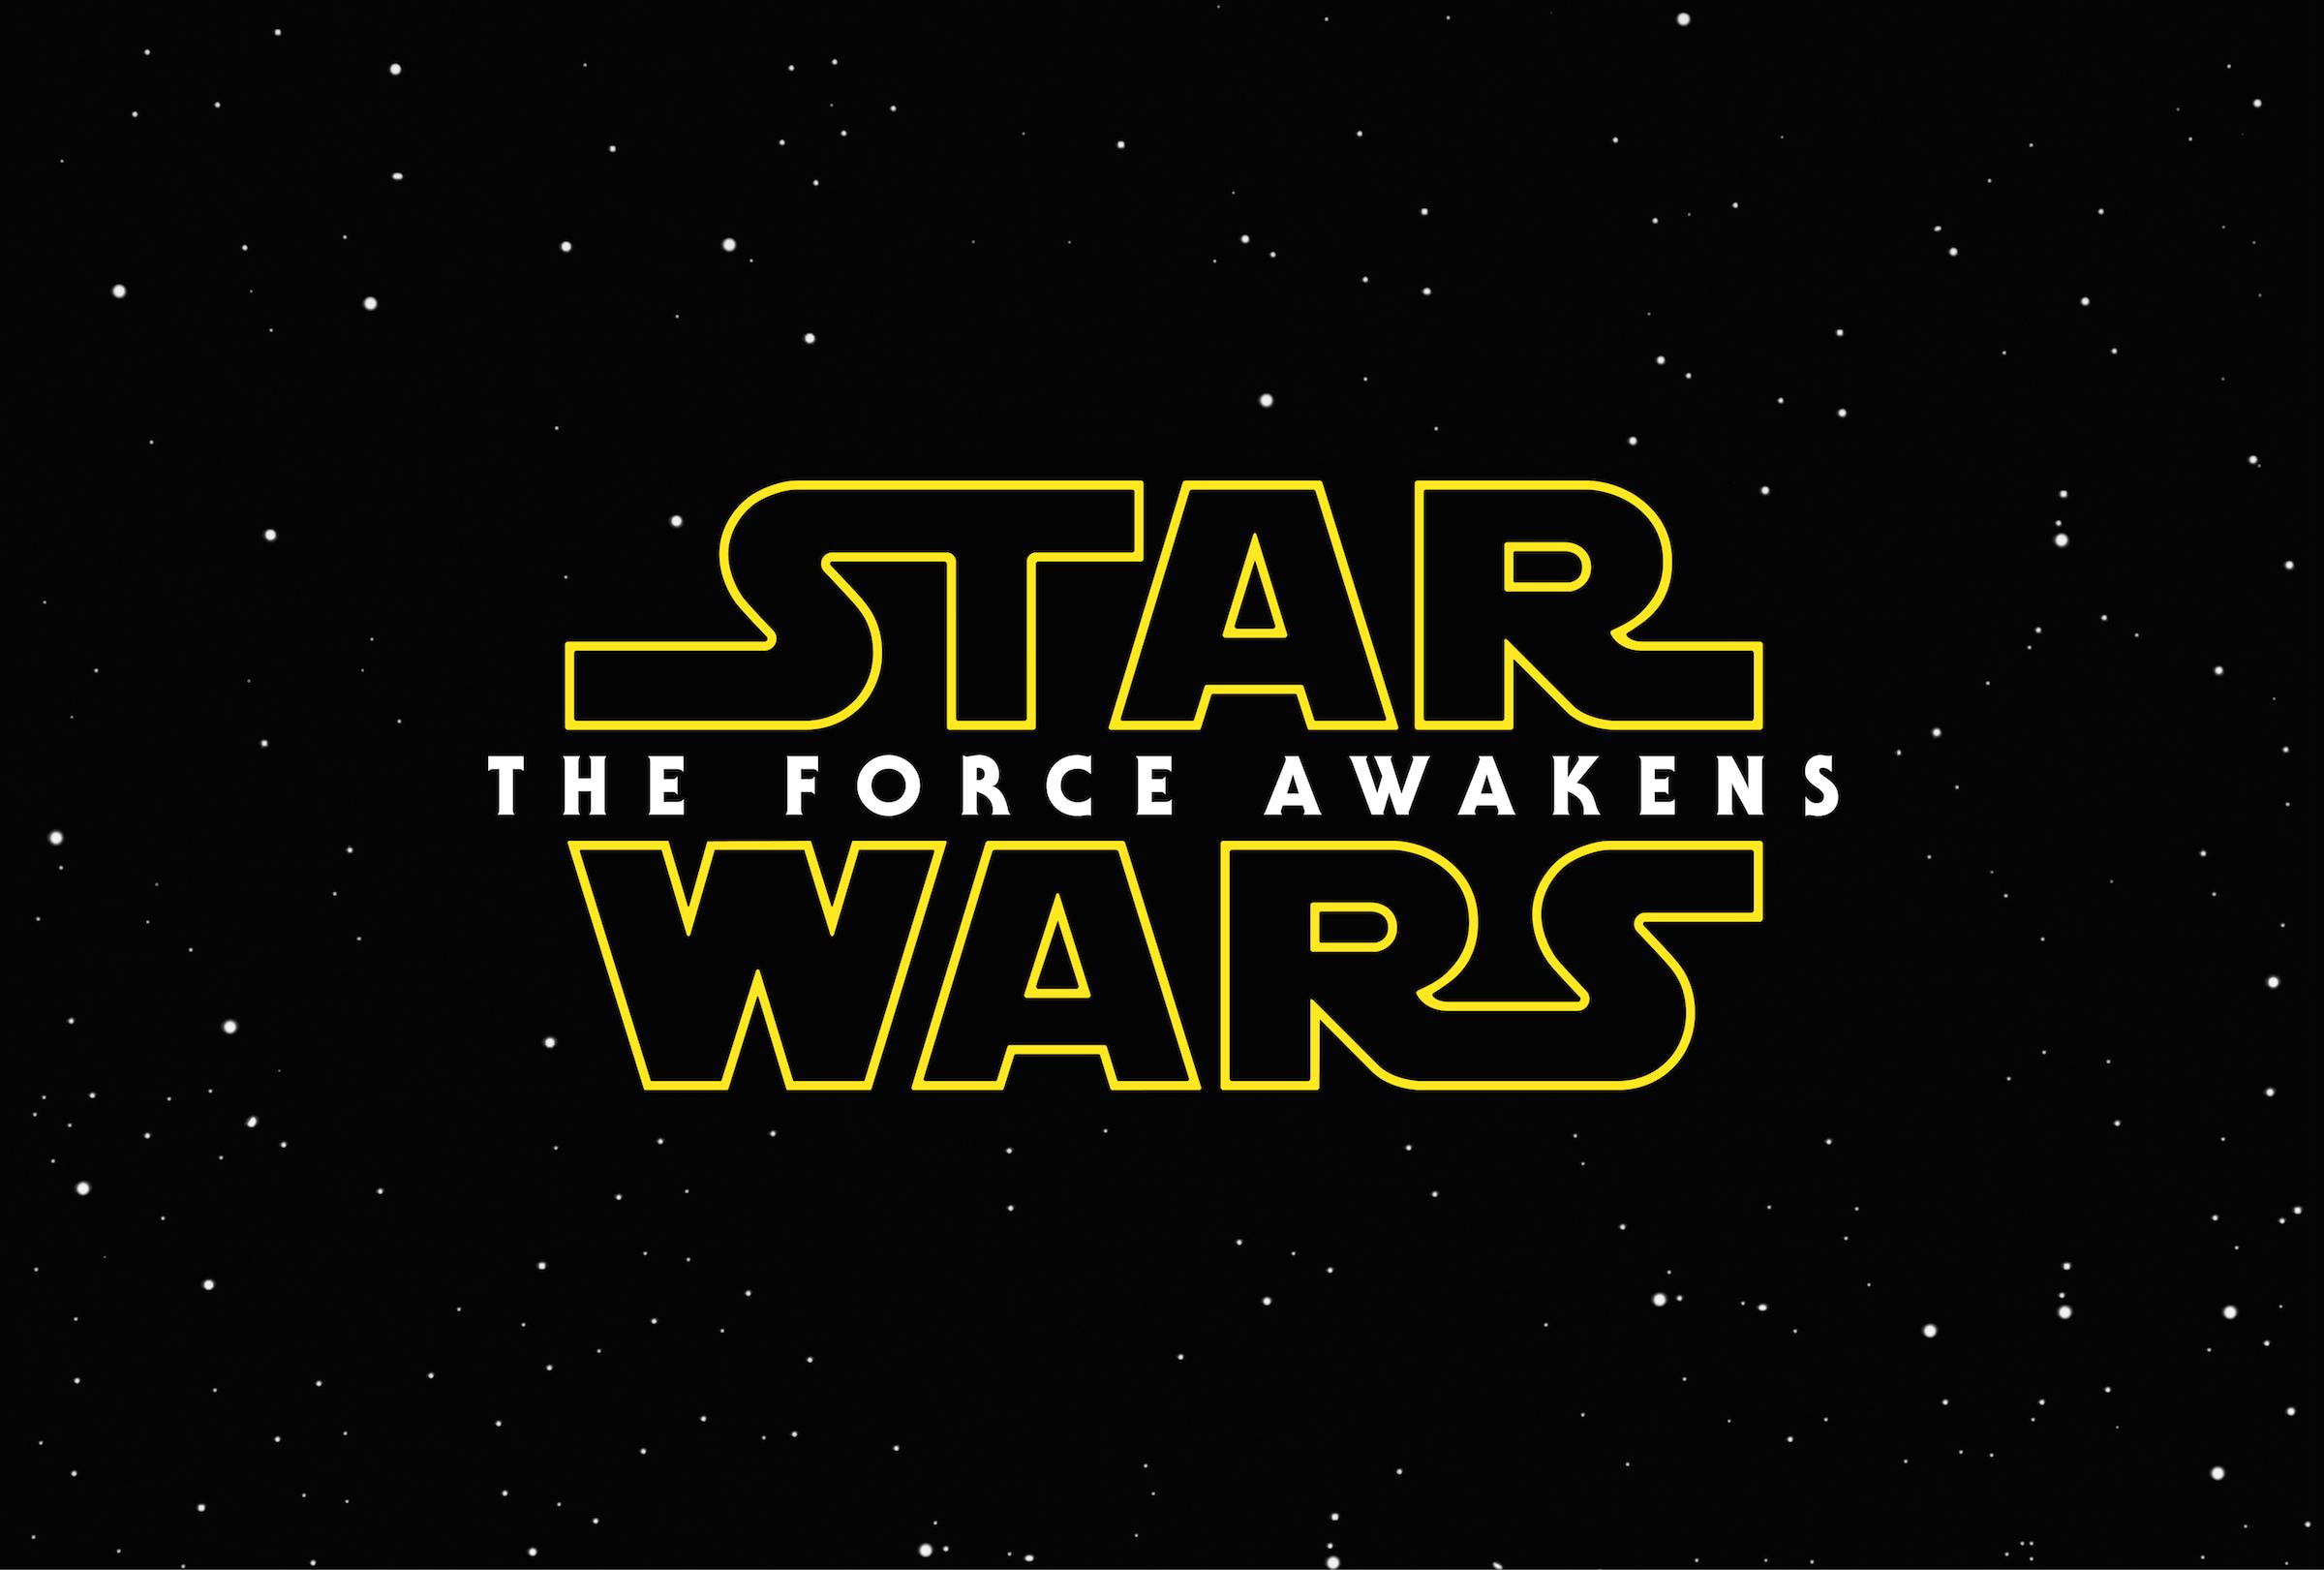 Star Wars VII : Le Réveil de la Force (The Force Awakens) – J. J. Abrams